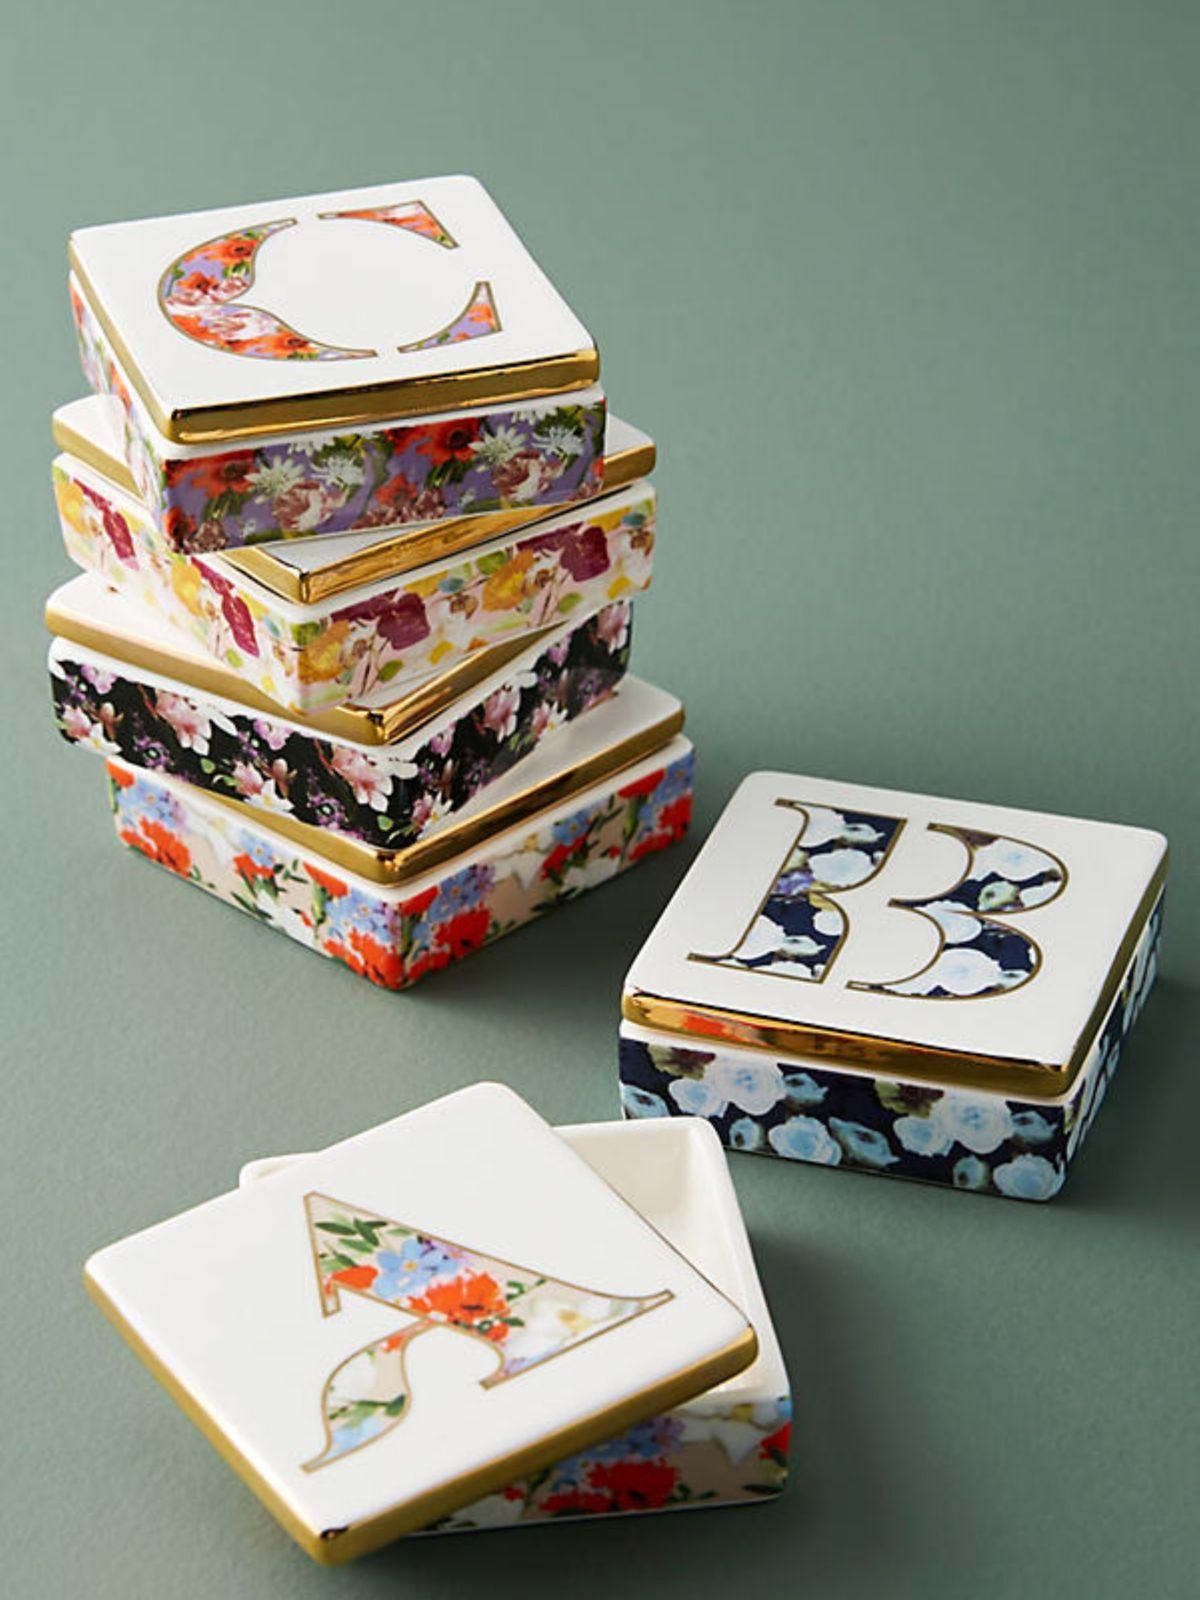 קופסת תכשיטים עם ציורי פרחים / Cקופסת תכשיטים עם ציורי פרחים / C של ANTHROPOLOGIE